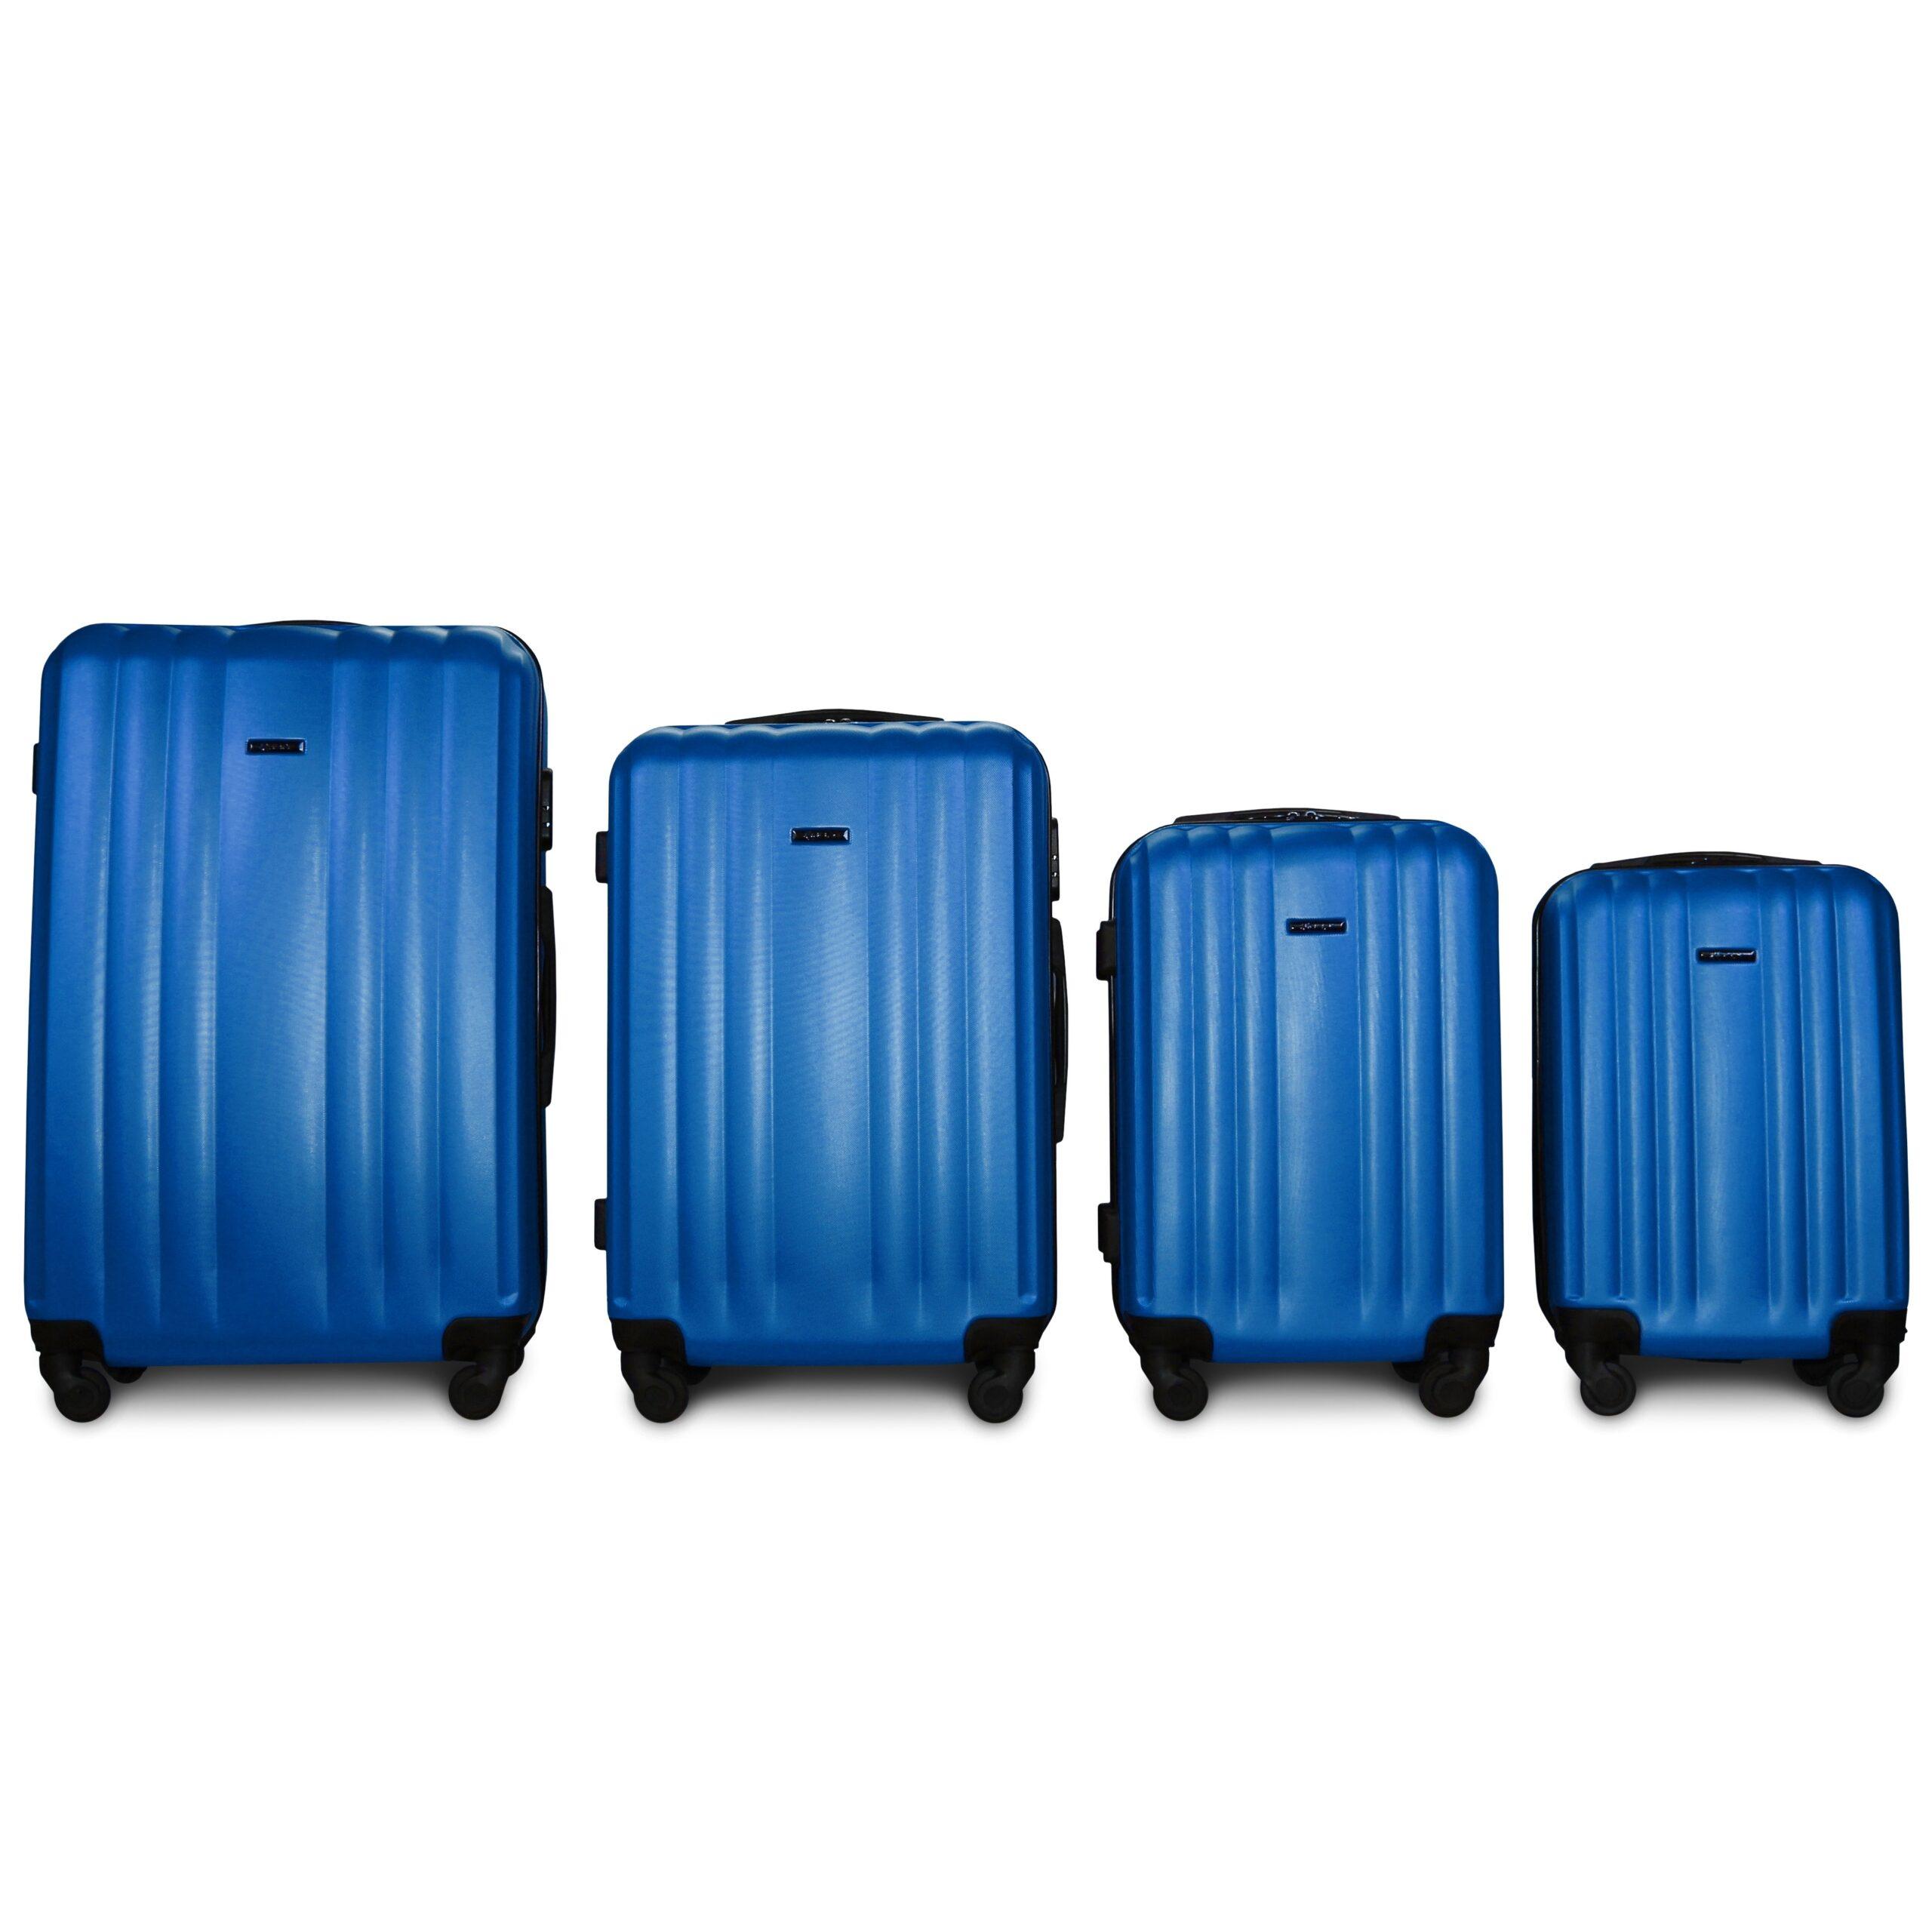 Комплект чемоданов на 4 колесах | Fly 614 | пластиковый